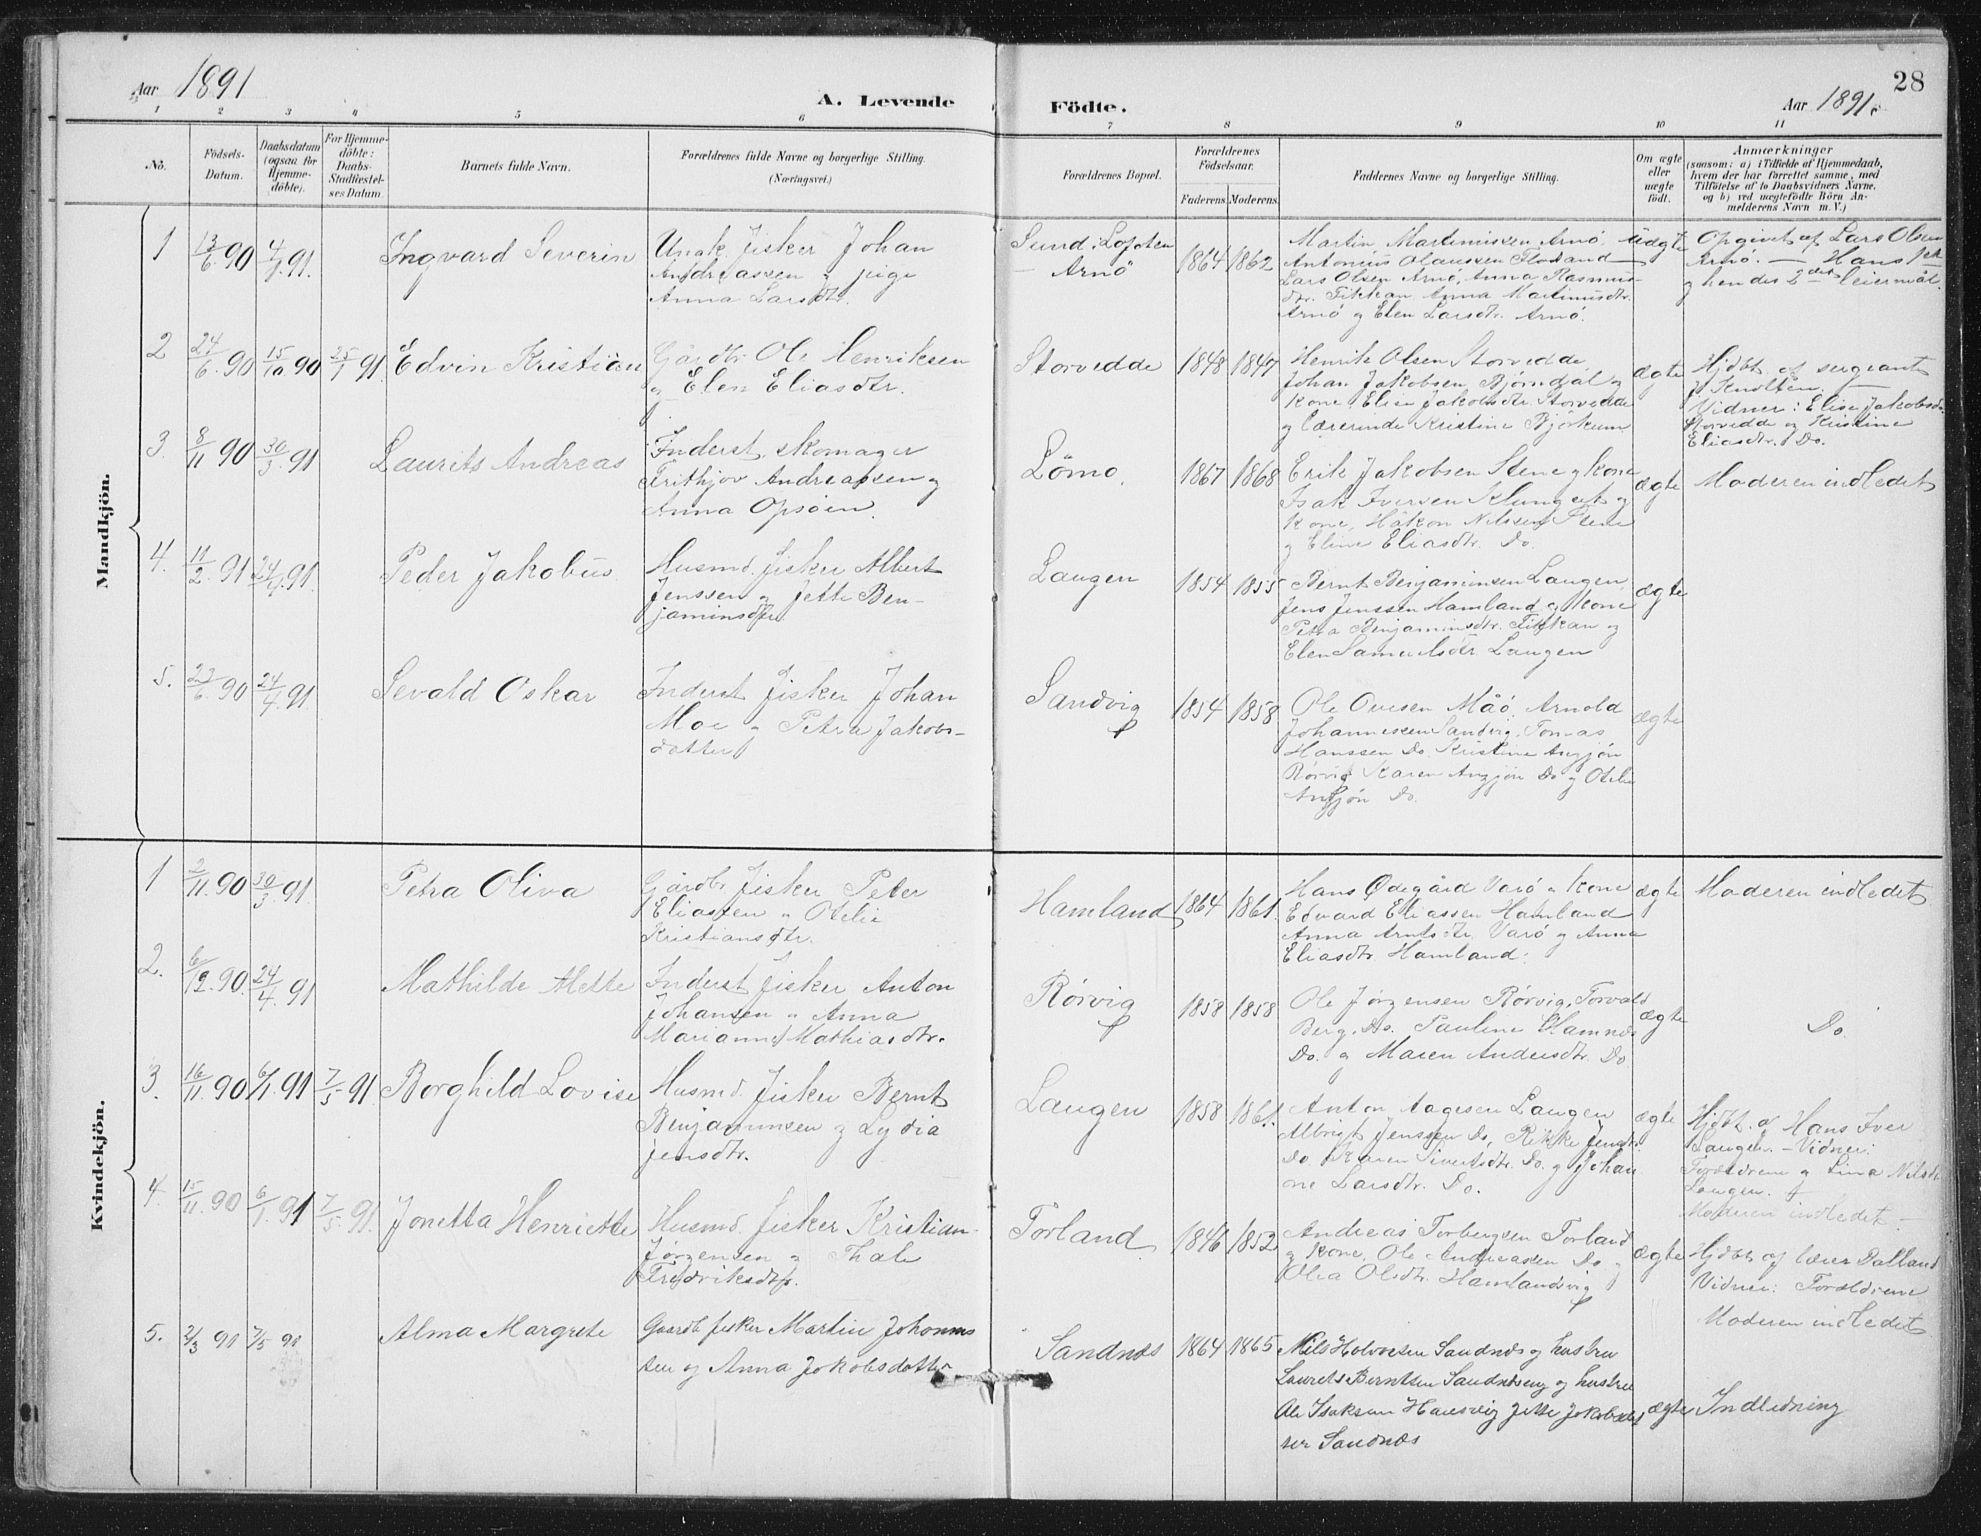 SAT, Ministerialprotokoller, klokkerbøker og fødselsregistre - Nord-Trøndelag, 784/L0673: Ministerialbok nr. 784A08, 1888-1899, s. 28